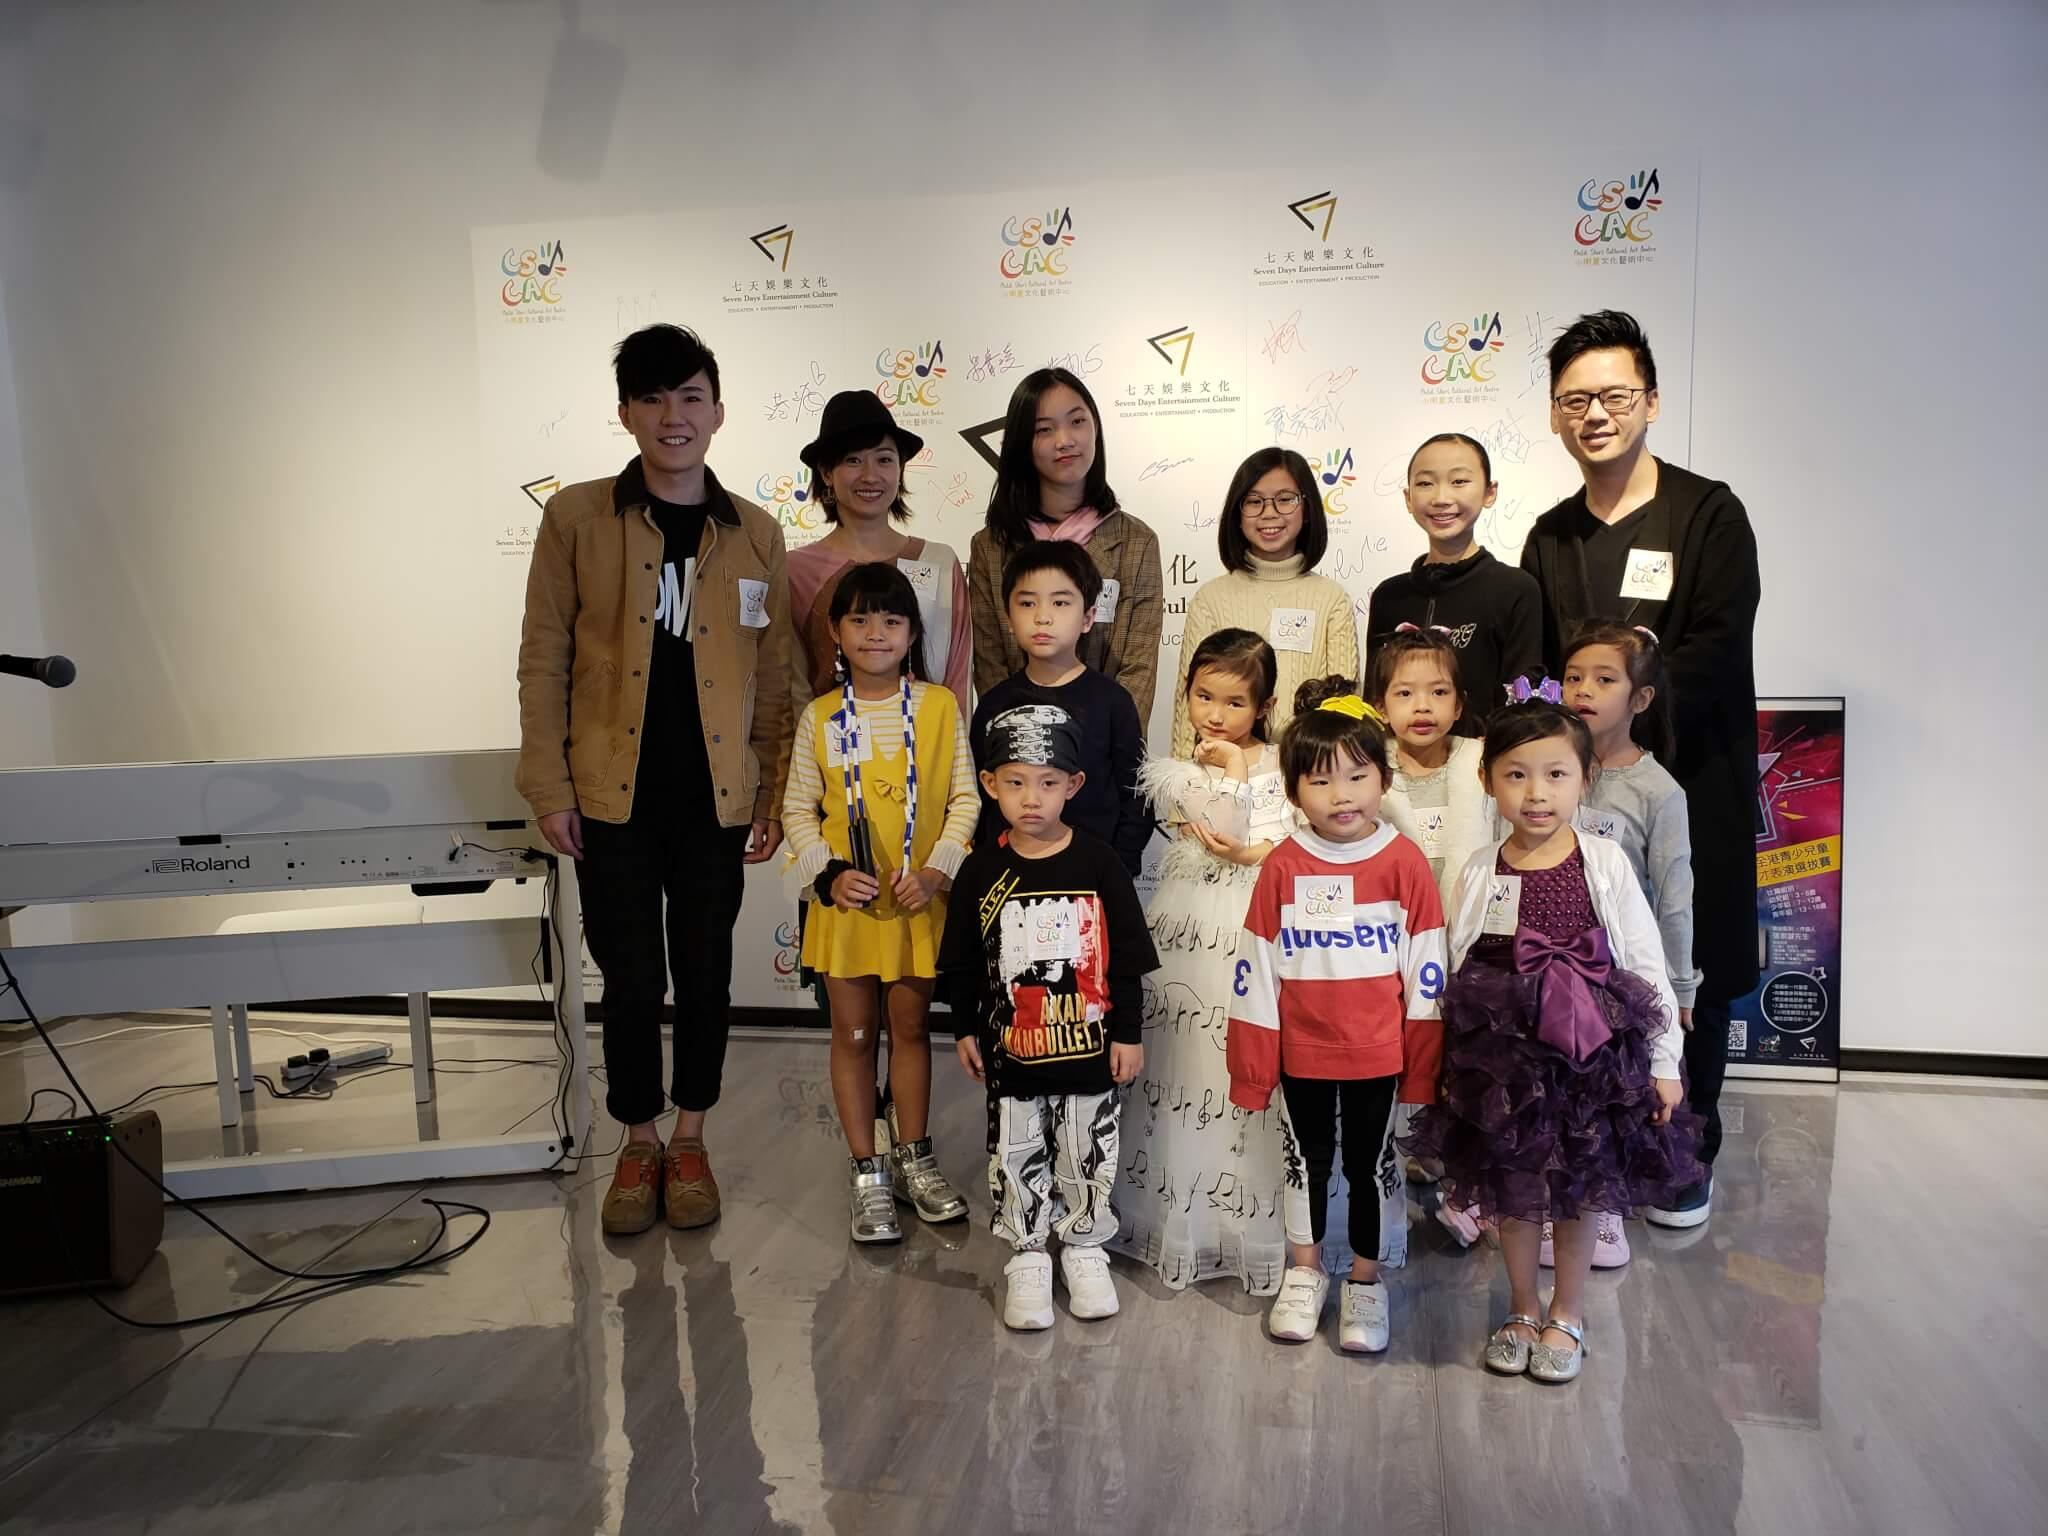 蓋世寶最近為兒童天才比賽《小明星練習生》,跟歌手何弘軒、音樂人張家誠一起擔任評判。